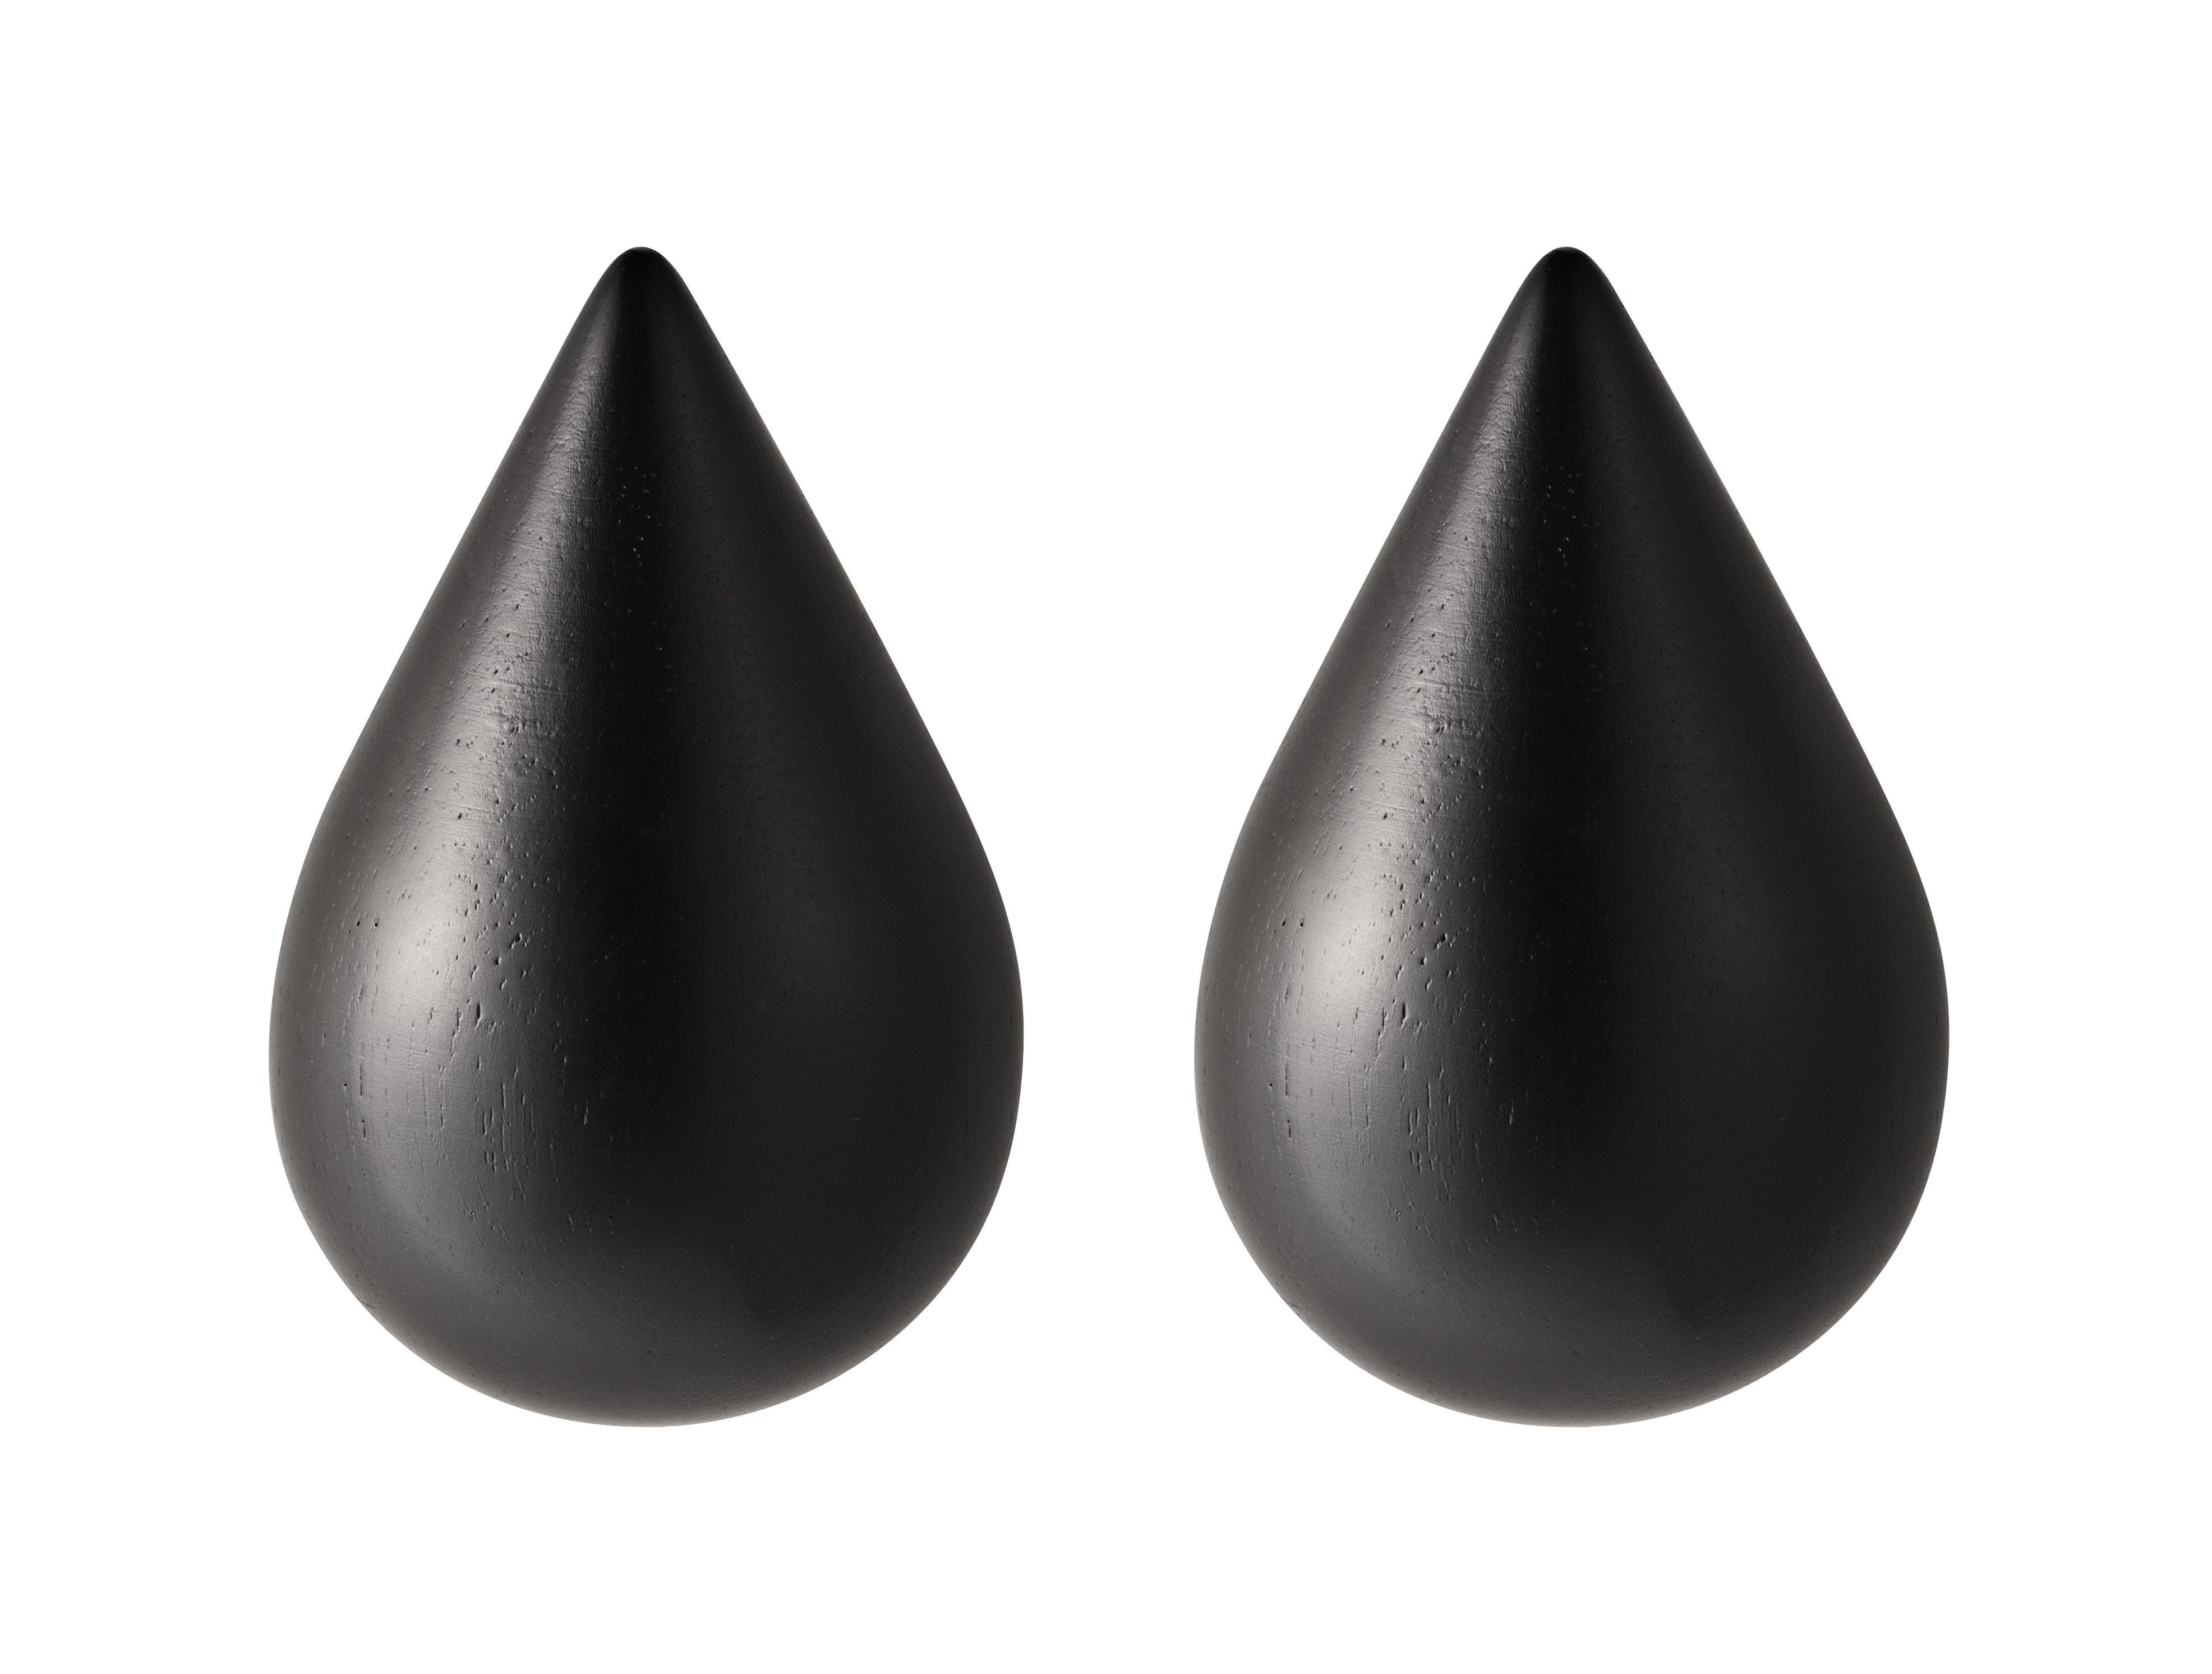 Möbel - Garderoben und Kleiderhaken - Dropit Small Wandhaken 2er-Set - H 7,7 cm - Normann Copenhagen - Schwarz - S / H 7,7 cm - bemaltes Holz